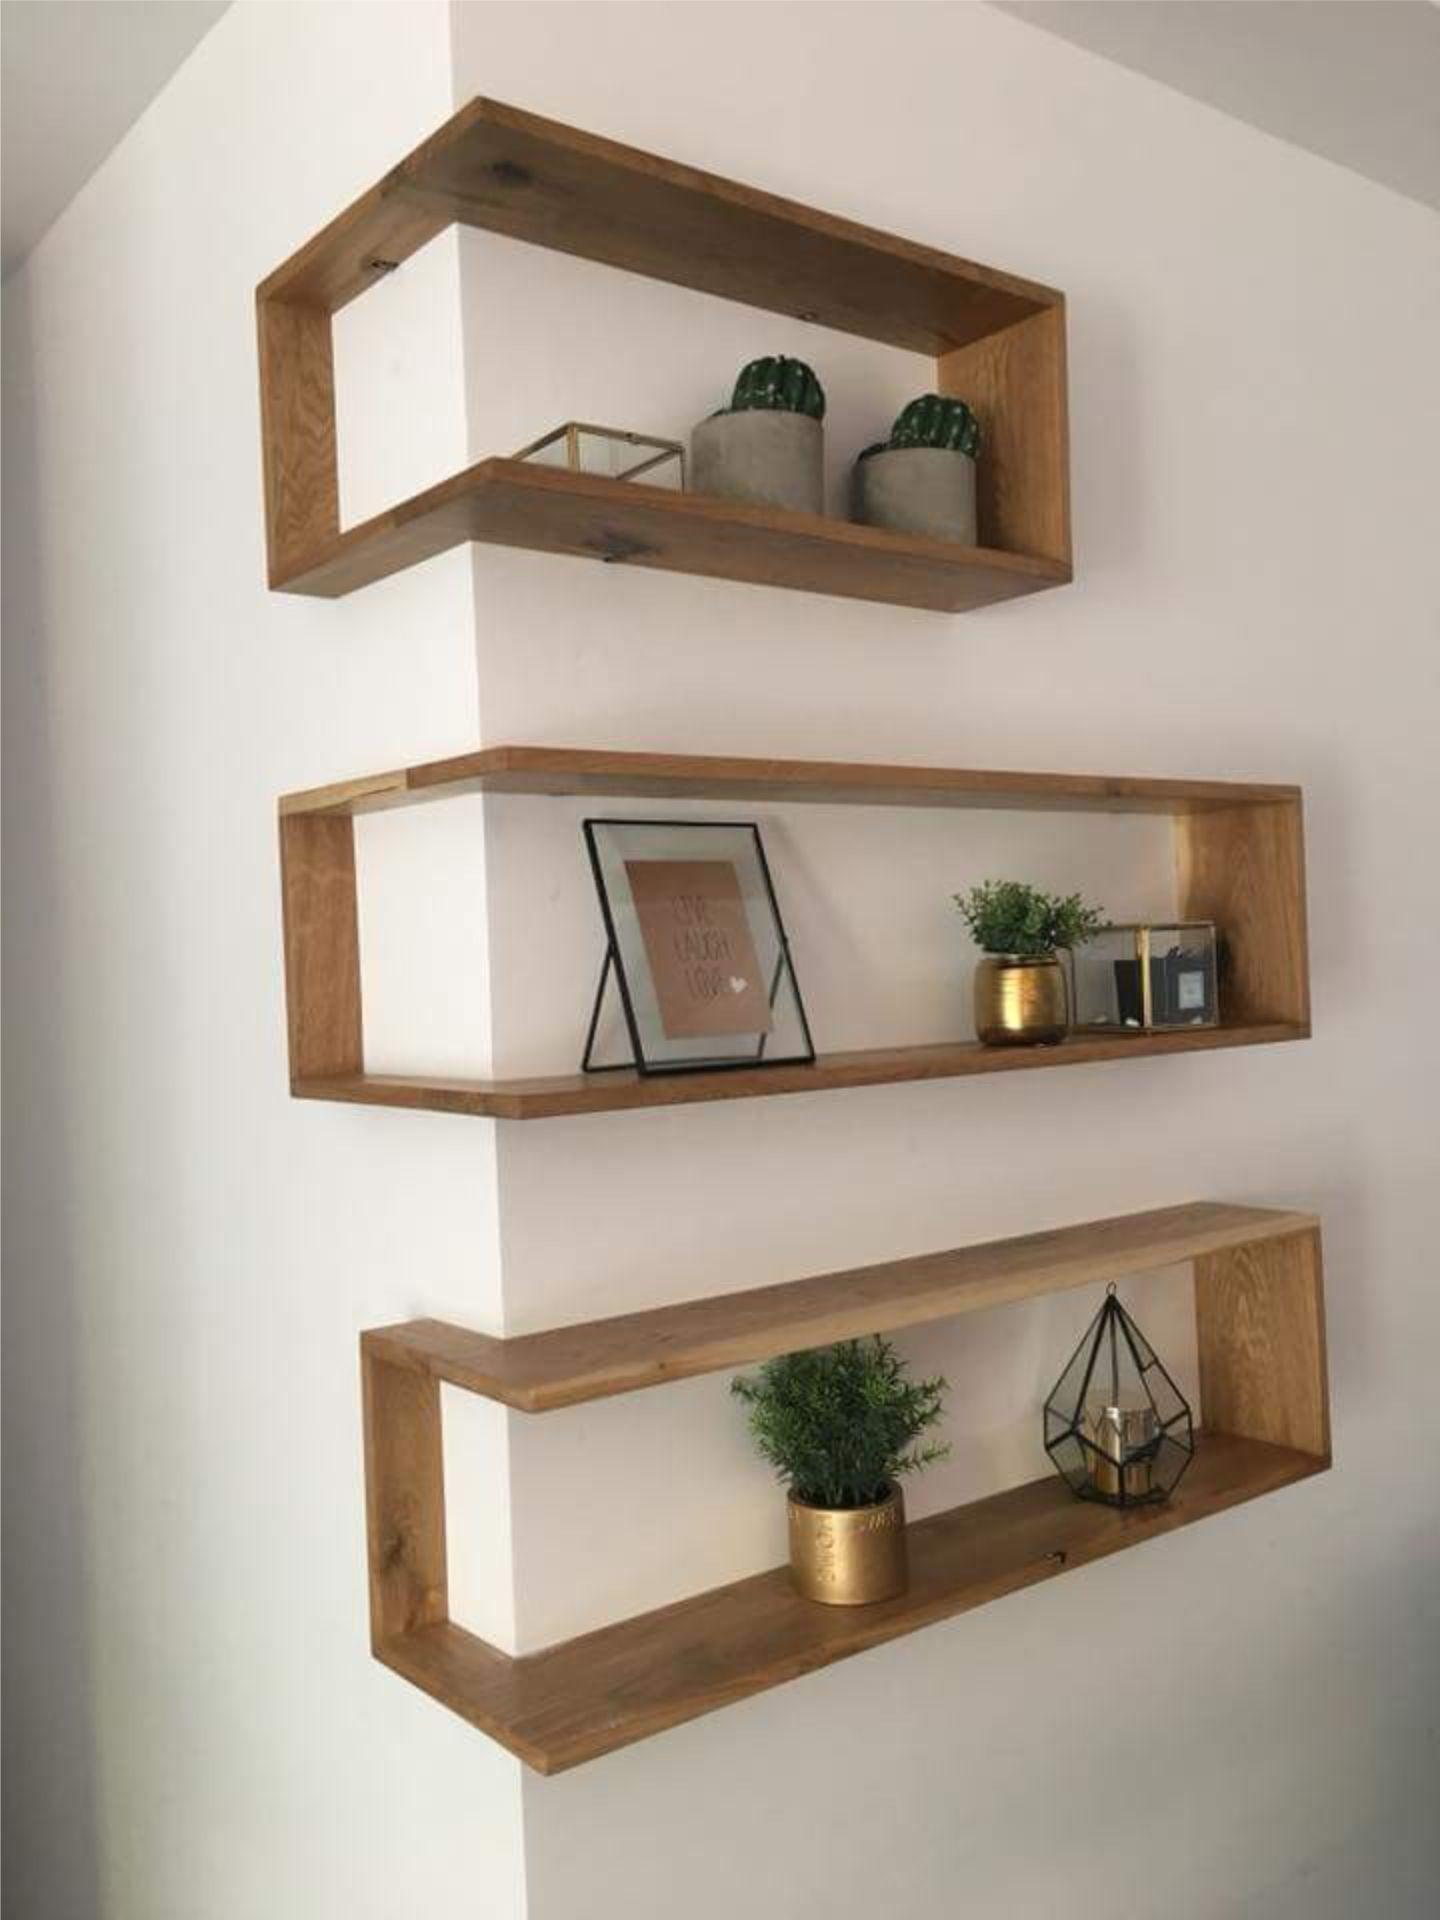 Tips muy pr cticos estantes flotantes en ngulo for Decoracion hogar la plata